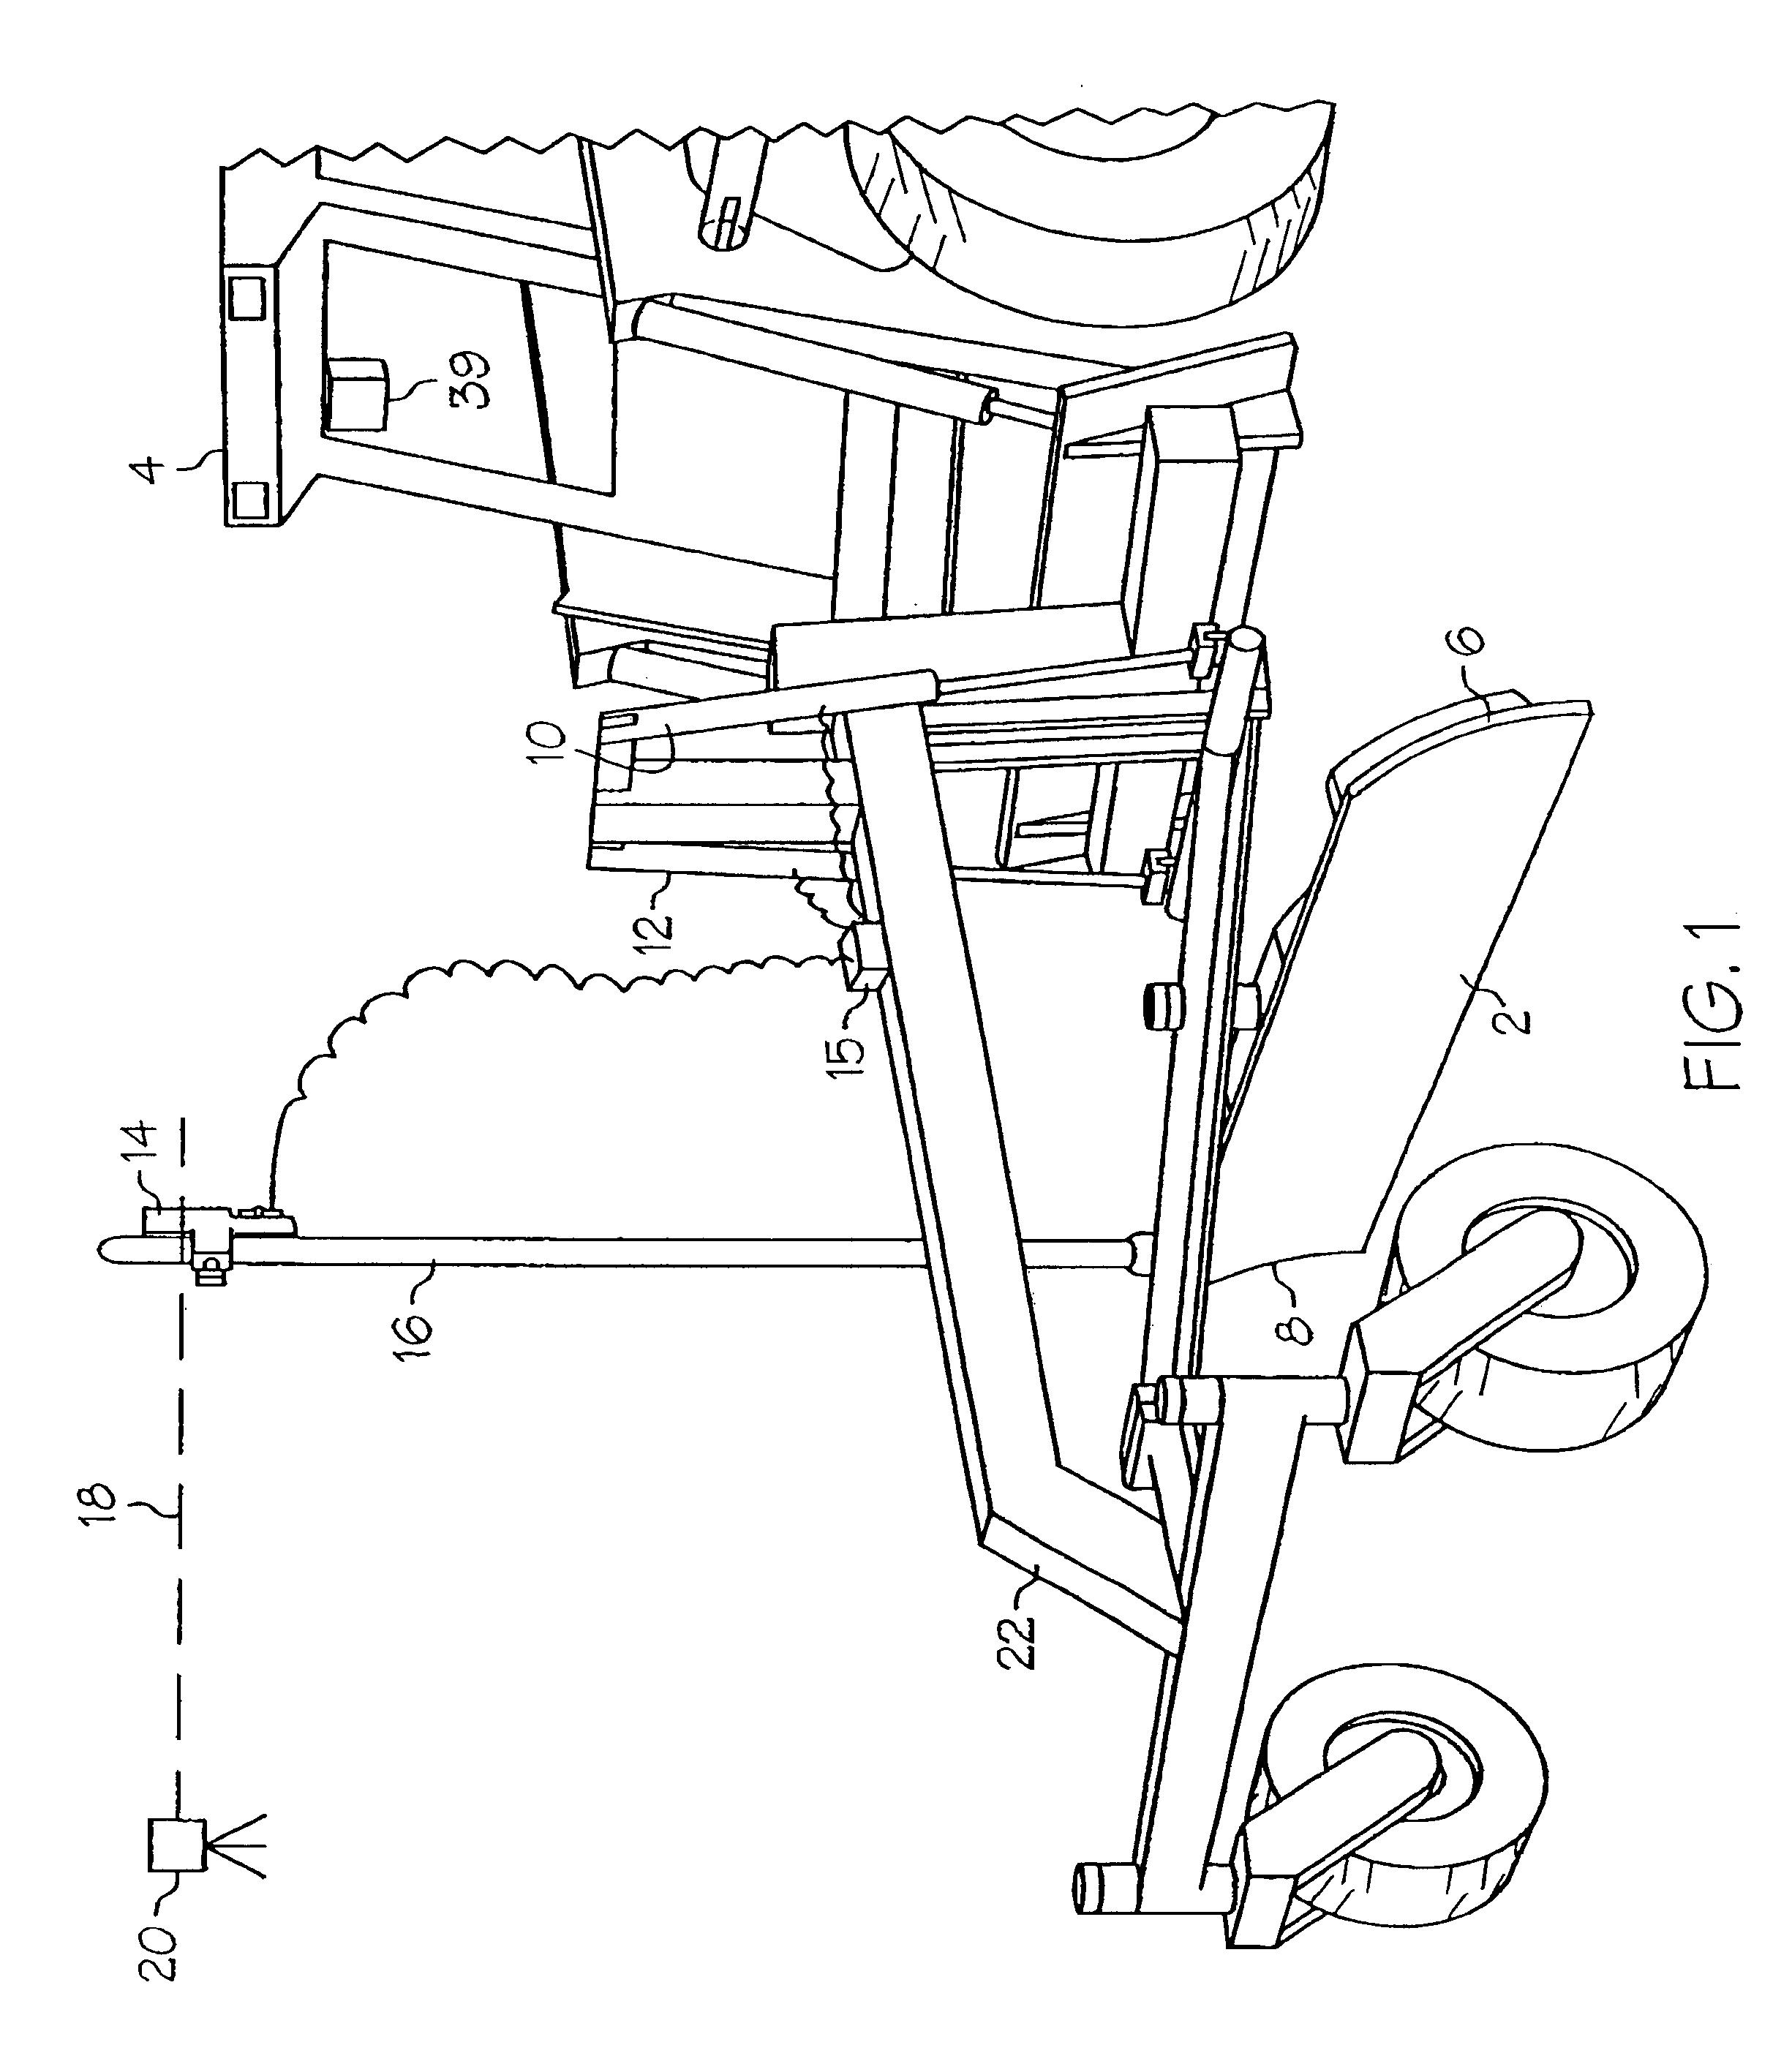 patent us6470251